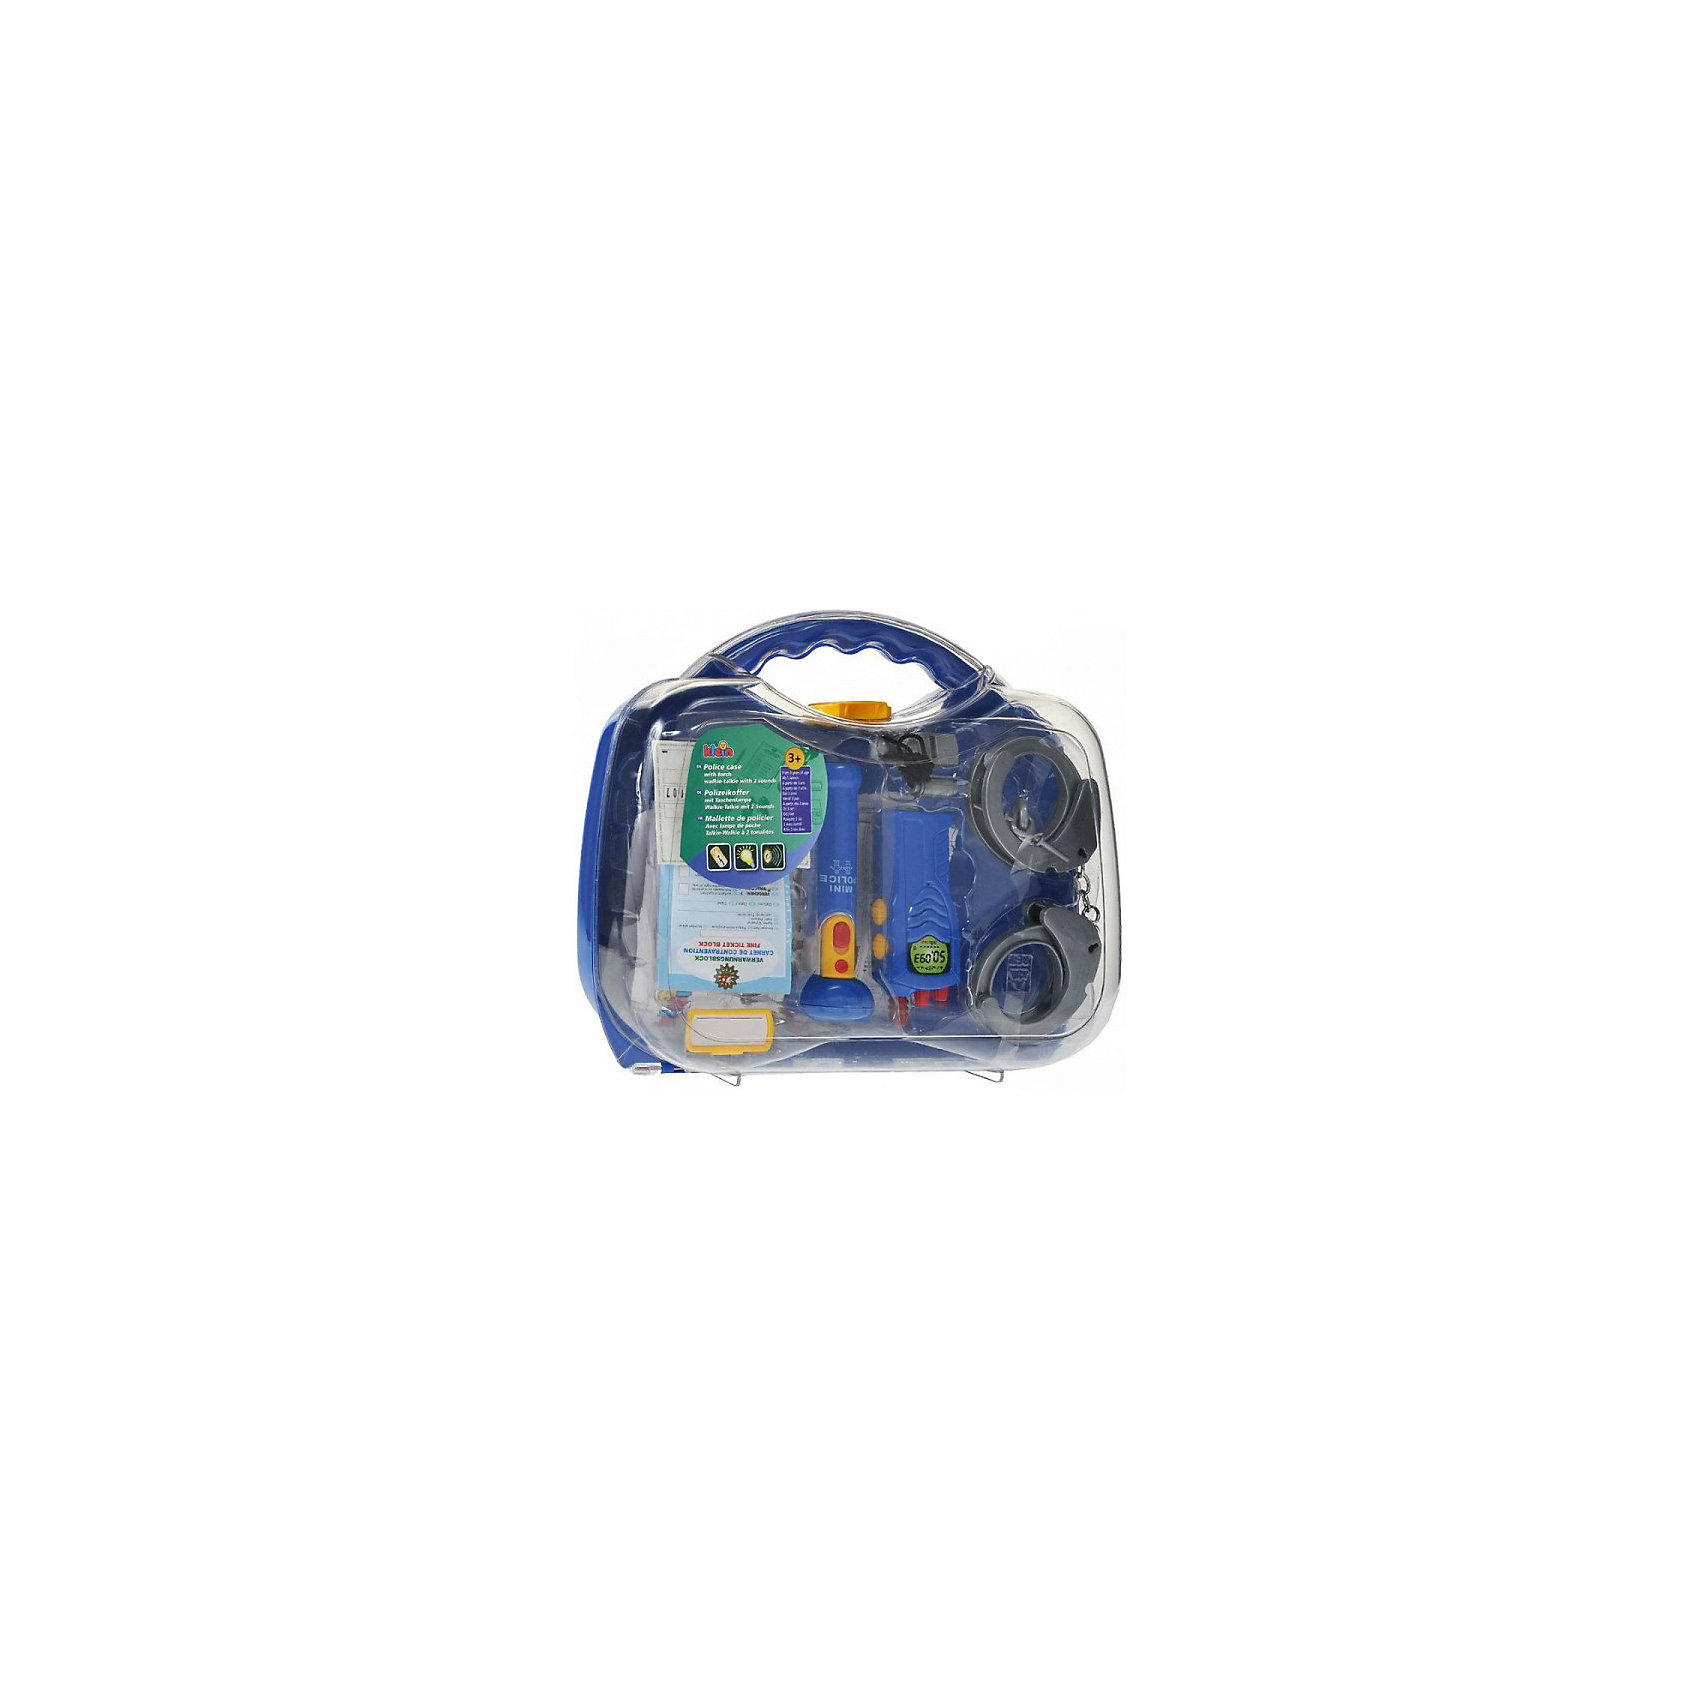 Набор полицейского в кейсе, KleinСюжетно-ролевые игры<br>Набор полицейского в кейсе от популярного немецкого бренда игрушек для детей Klein (Кляйн) станет отличным дополнением к играм в полицейских. Стильный полупрозрачный чемоданчик включает в себя все основные предметы каждого полицейского. В набор включена интерактивная рация с кнопками, издающая звуки, работающий фонарь, пластиковые наручники и два ключа, свисток на шнурке, удостоверение полицейского с полем для фотографии, набор выписывания штрафов с карандашом и маленький бейджик для имени полицейского. Игрушка поможет развить воображение и моторику рук.   <br>Дополнительная информация:<br><br>- В комплект входит: чемоданчик, рация, фонарик, наручники, свисток, удостоверение, пачка штрафов с отрывным краем, карандаш, бейджик<br>- Состав: пластик<br>- Параметры: 29 * 9 * 32 см. <br>- Элементы питания: 2 * 1,5 V (R6) АА;  2 * 1,5 V (R03) ААА<br><br>Набор полицейского в кейсе, Klein (Кляйн) можно купить в нашем интернет-магазине.<br>Подробнее:<br>• Для детей в возрасте: от 3 до 6 лет <br>• Номер товара: 5055277<br>Страна производитель: Китай<br><br>Ширина мм: 280<br>Глубина мм: 280<br>Высота мм: 252<br>Вес г: 799<br>Возраст от месяцев: 36<br>Возраст до месяцев: 120<br>Пол: Мужской<br>Возраст: Детский<br>SKU: 5055277